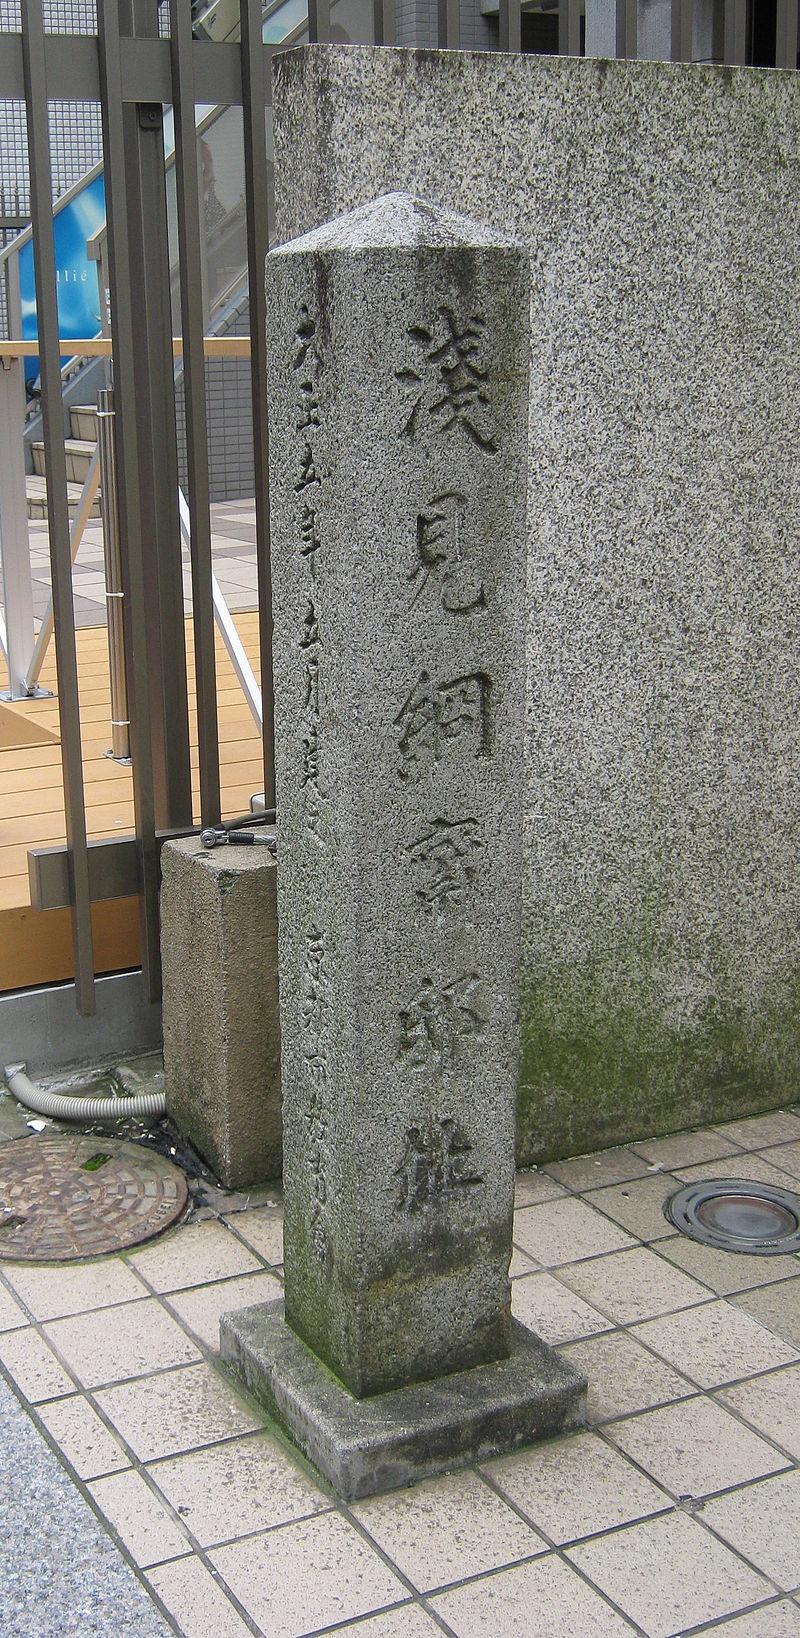 浅見絅斎(あさみけいさい)邸址、京都市中京区錦小路通高倉西入南側